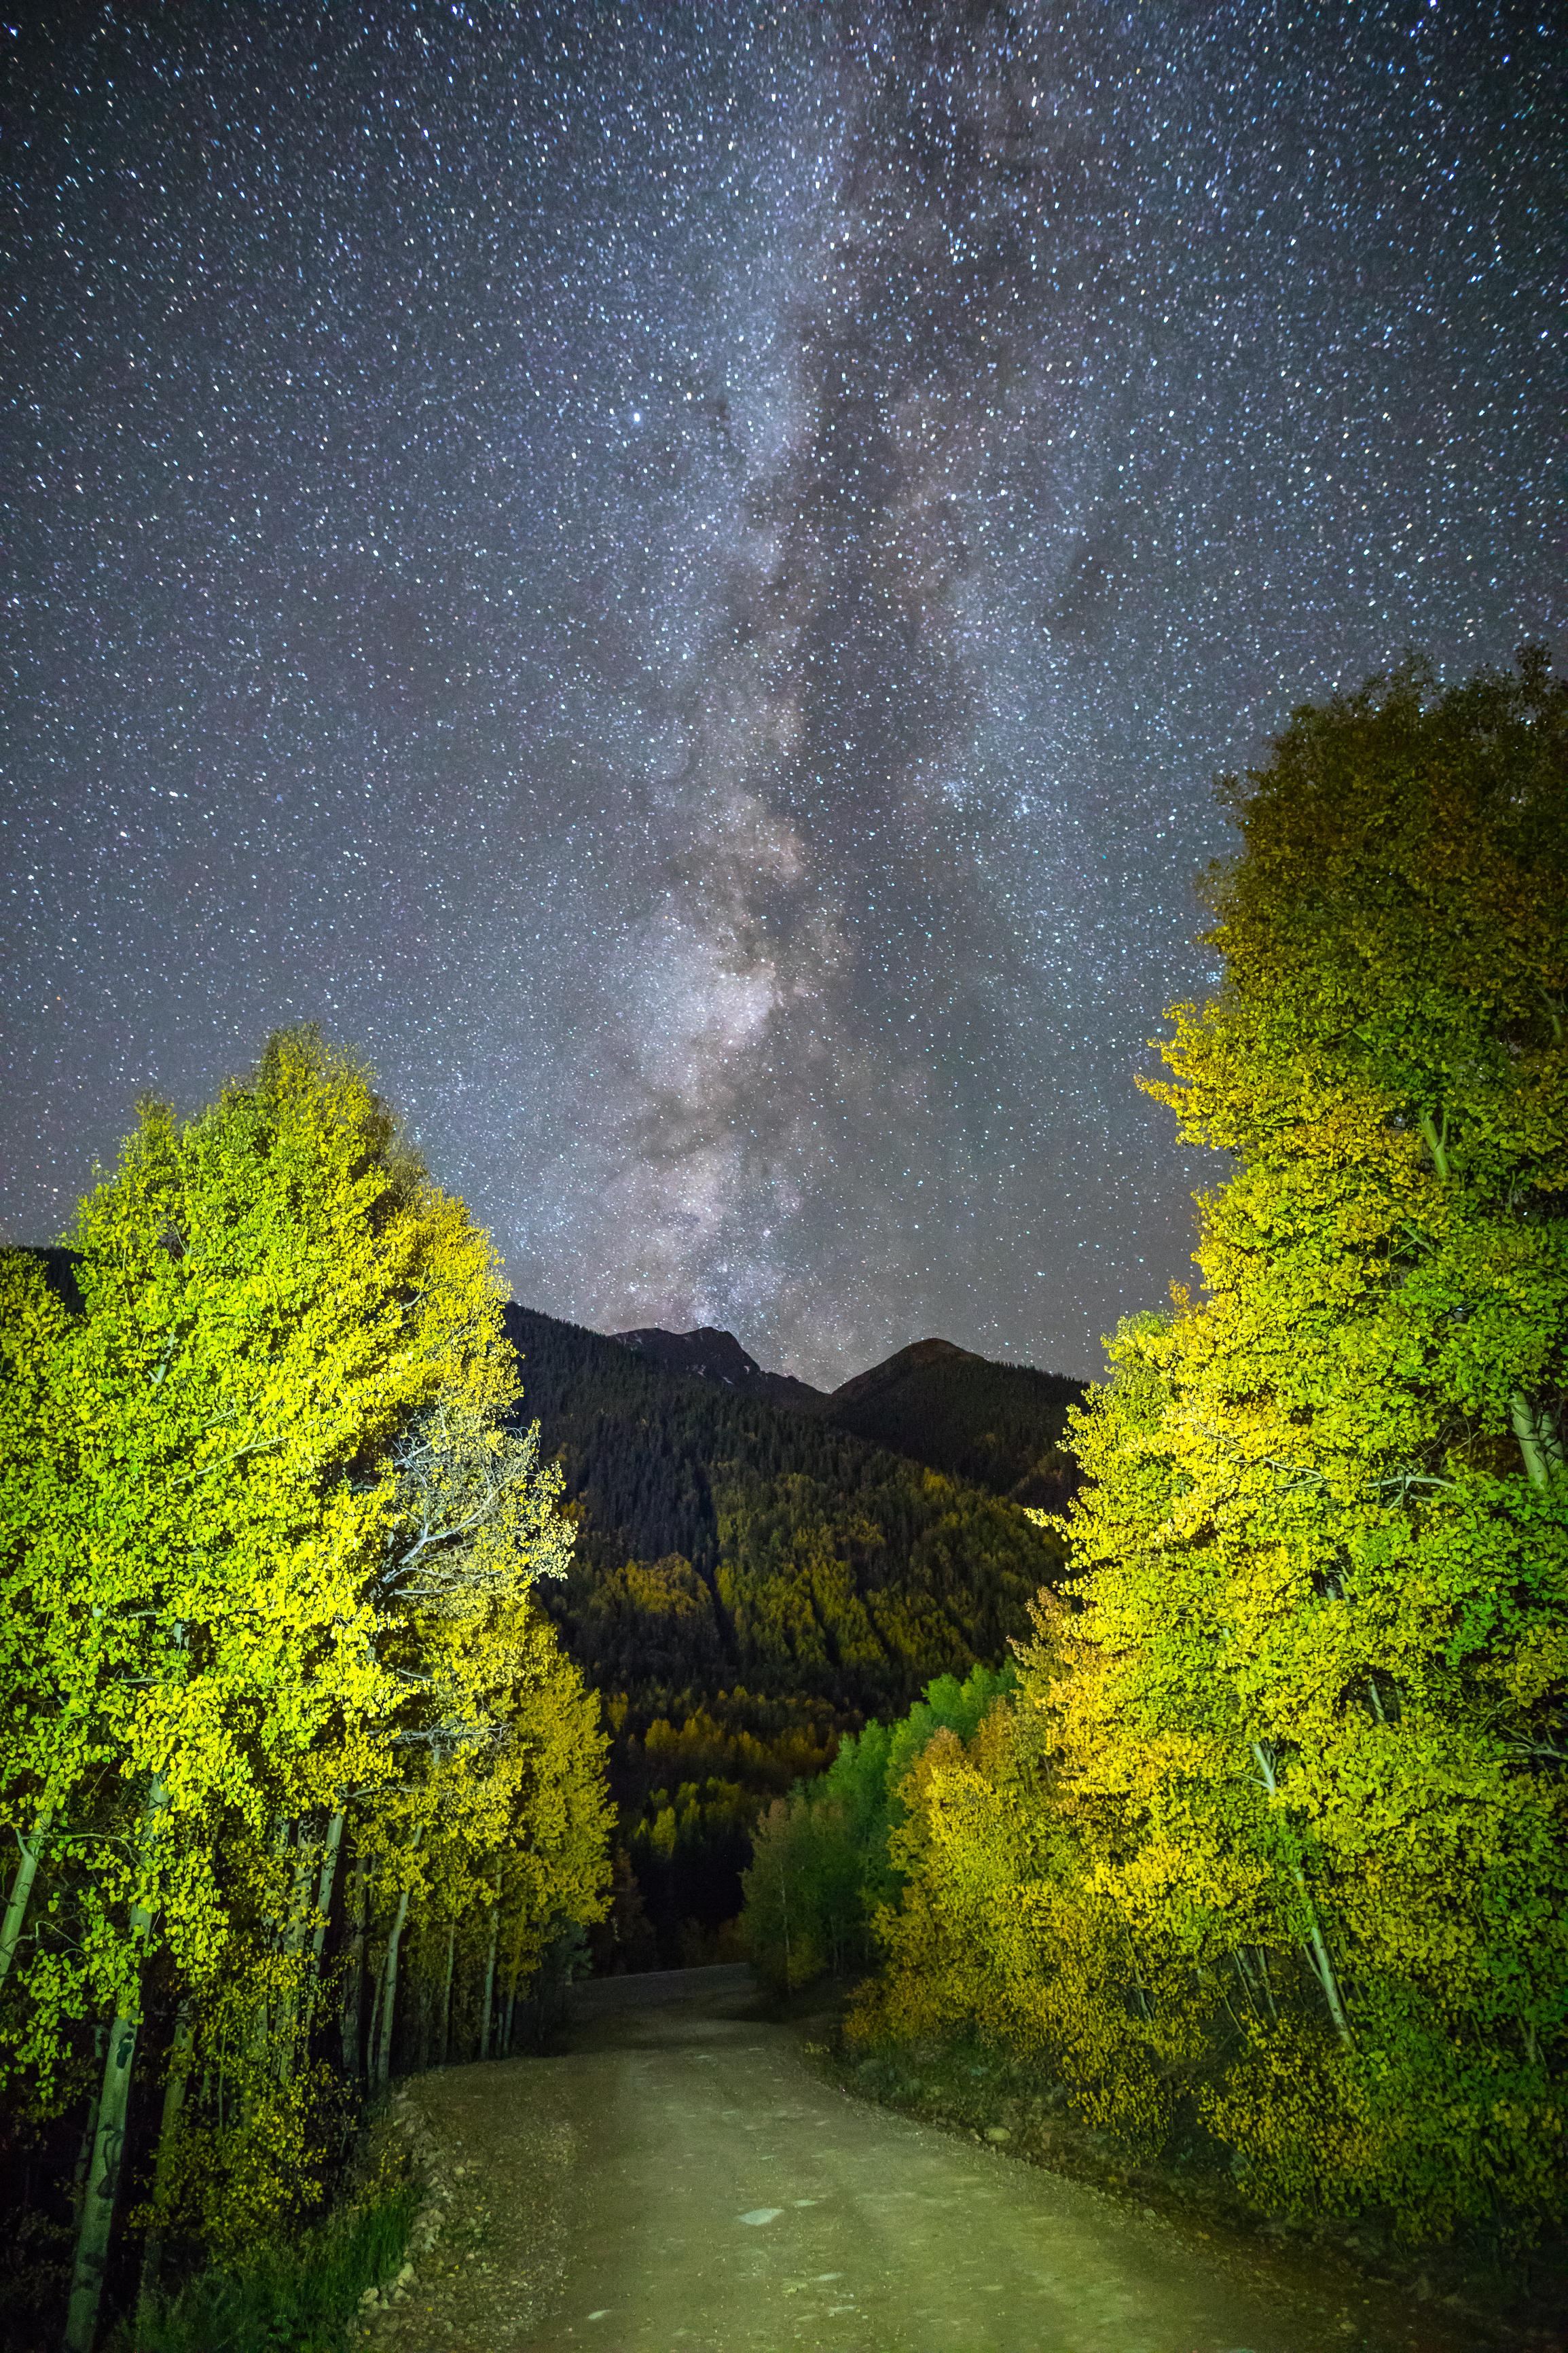 Milky Way in Silverton, Colorado Image # 1784